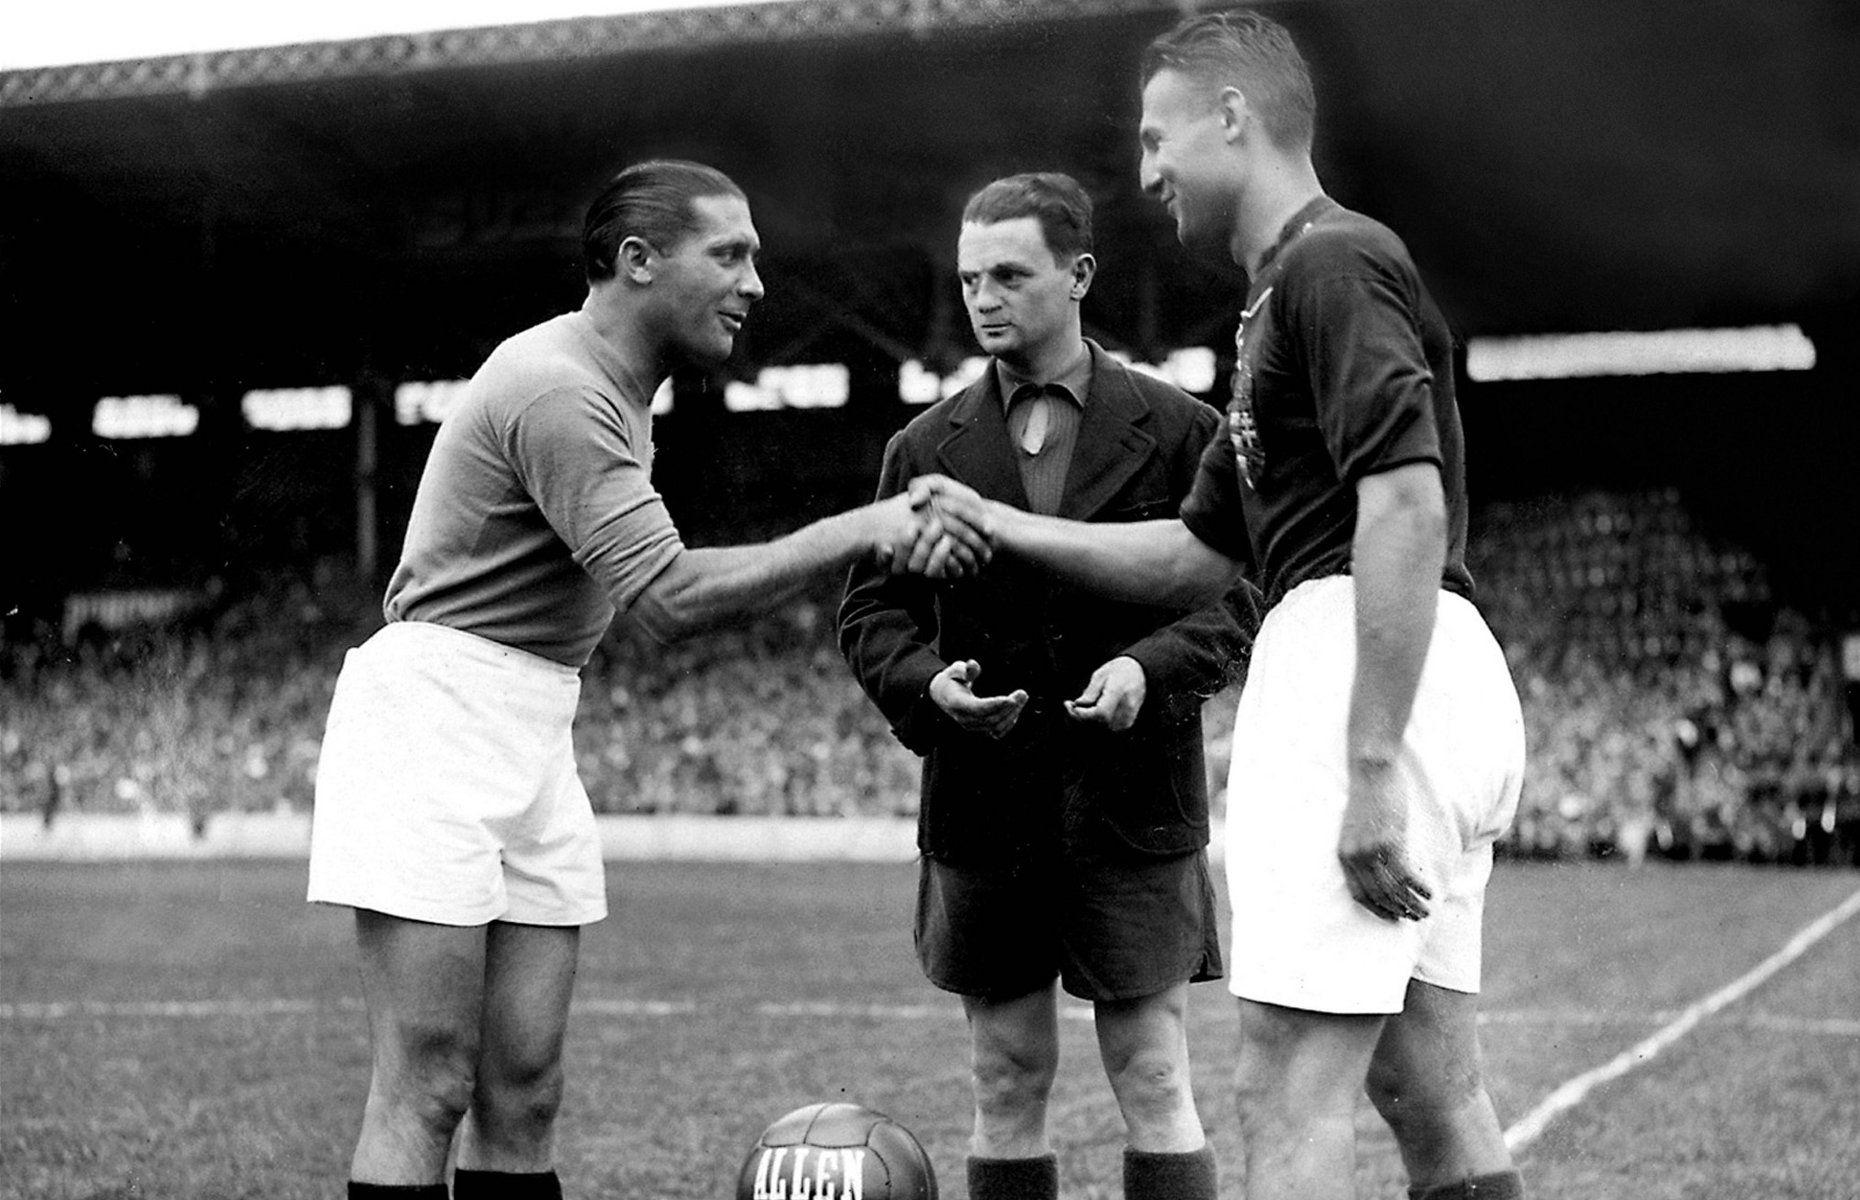 Giuseppe Meazza, astro italiano cuyo nombre es el del estadio San Siro, murió en 1979, acabado por la pobreza y una cirrosis merced al alcoholismo y la ludopatía.